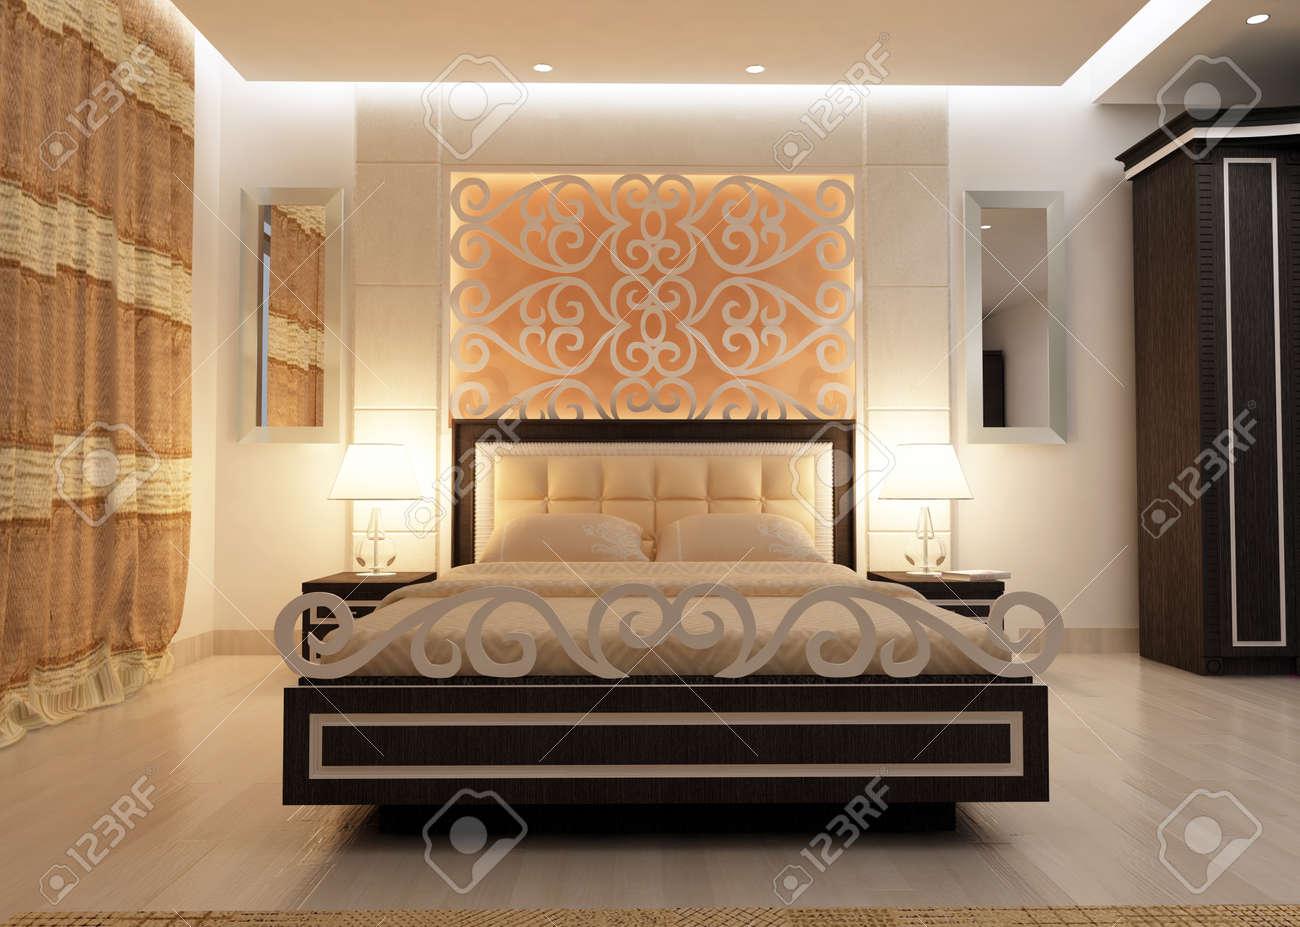 Interior design of big modern Bedroom in artificial lighting  3D rendering  Stock Photo   37459519. Interior Design Of Big Modern Bedroom In Artificial Lighting